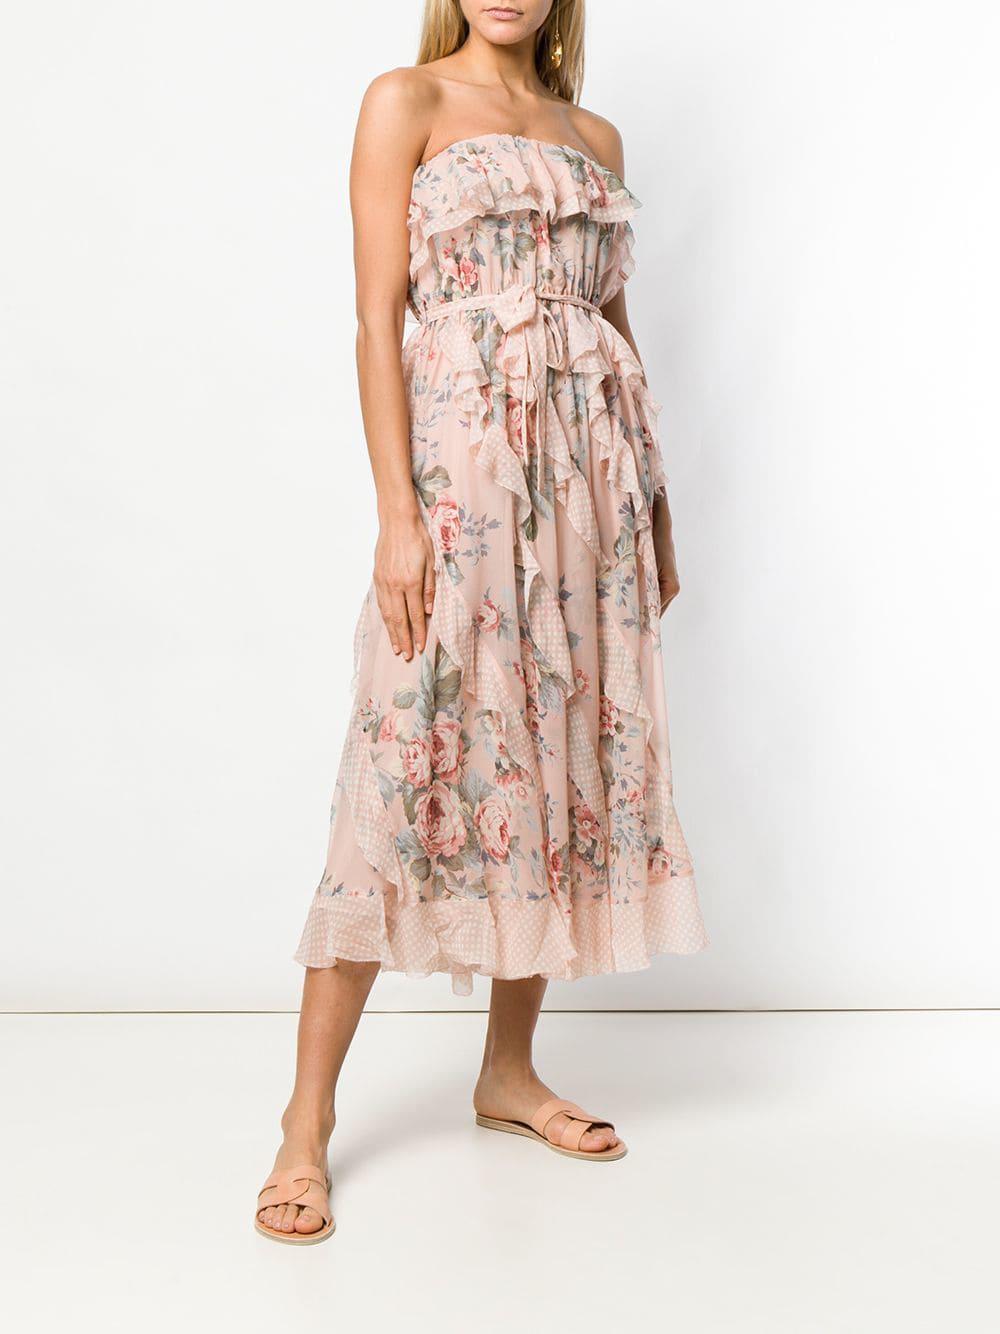 b0827fc5dc Zimmermann - Pink Floral Print Midi Dress - Lyst. View fullscreen